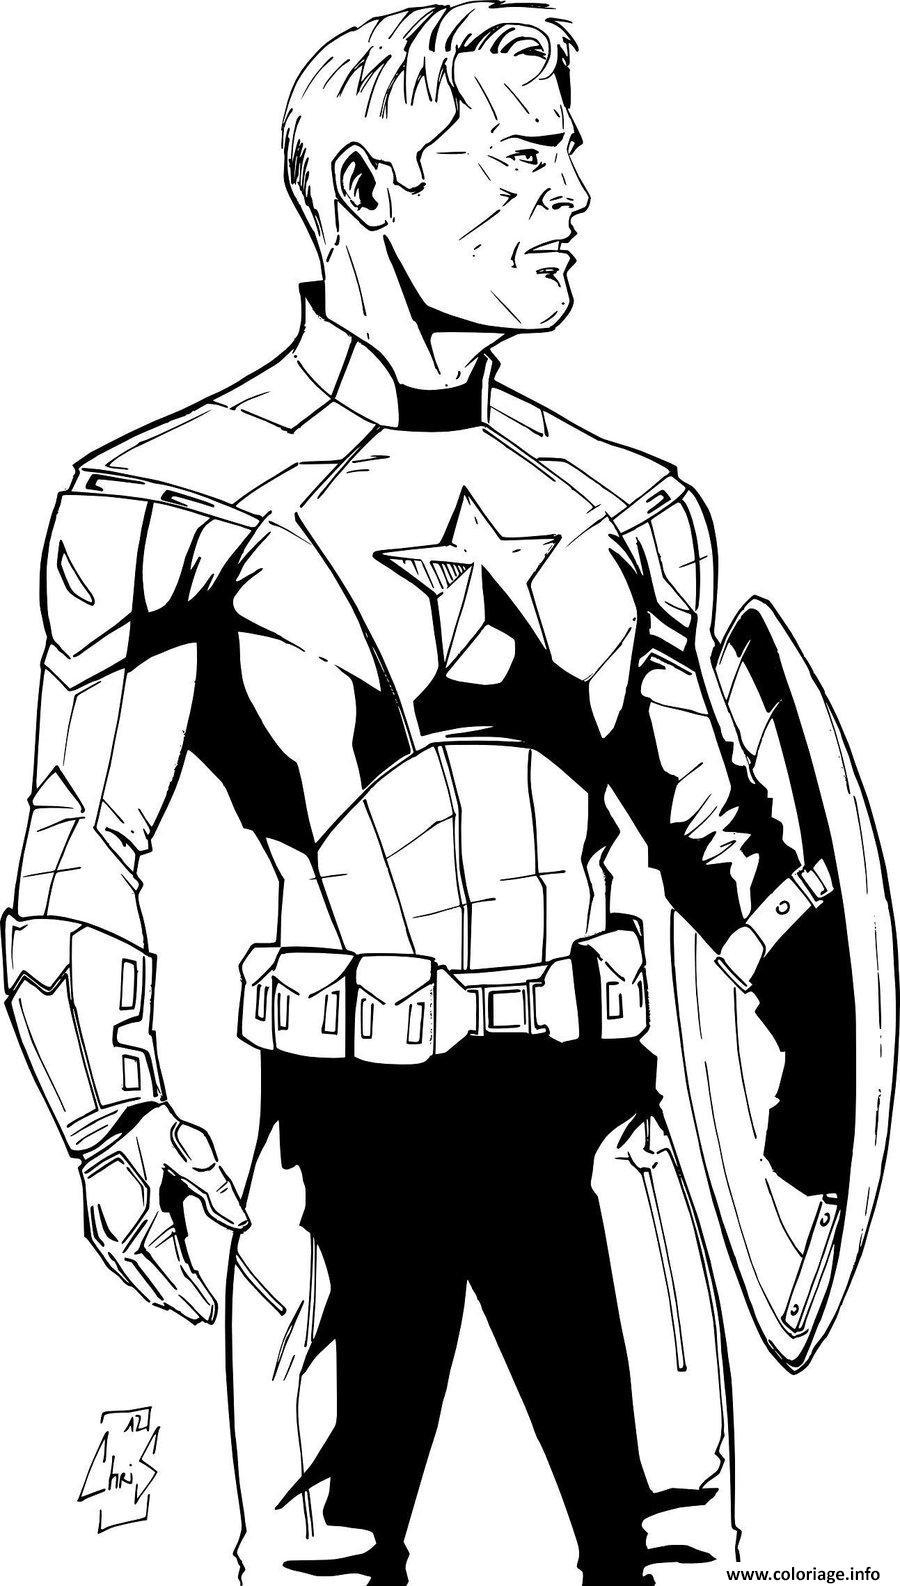 Coloriage colorier captain america 175 dessin - Coloriage avengers a imprimer gratuit ...